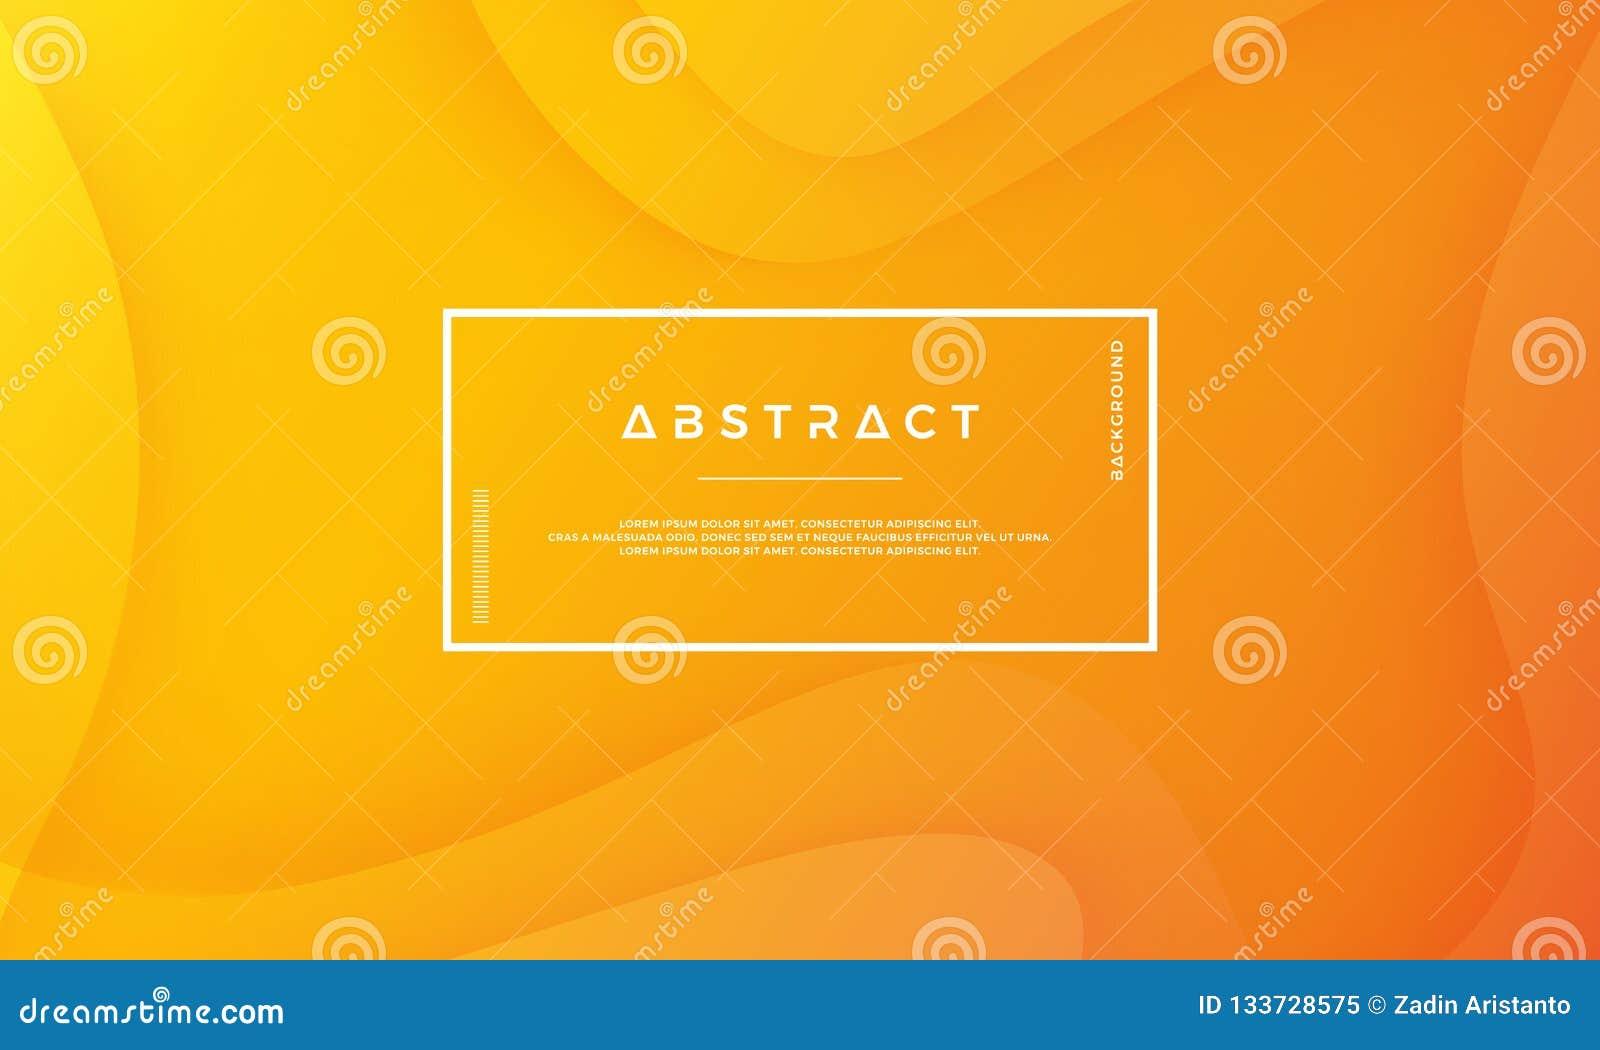 El fondo abstracto anaranjado es conveniente para la web, el jefe, la cubierta, el folleto, la bandera de la web y otras